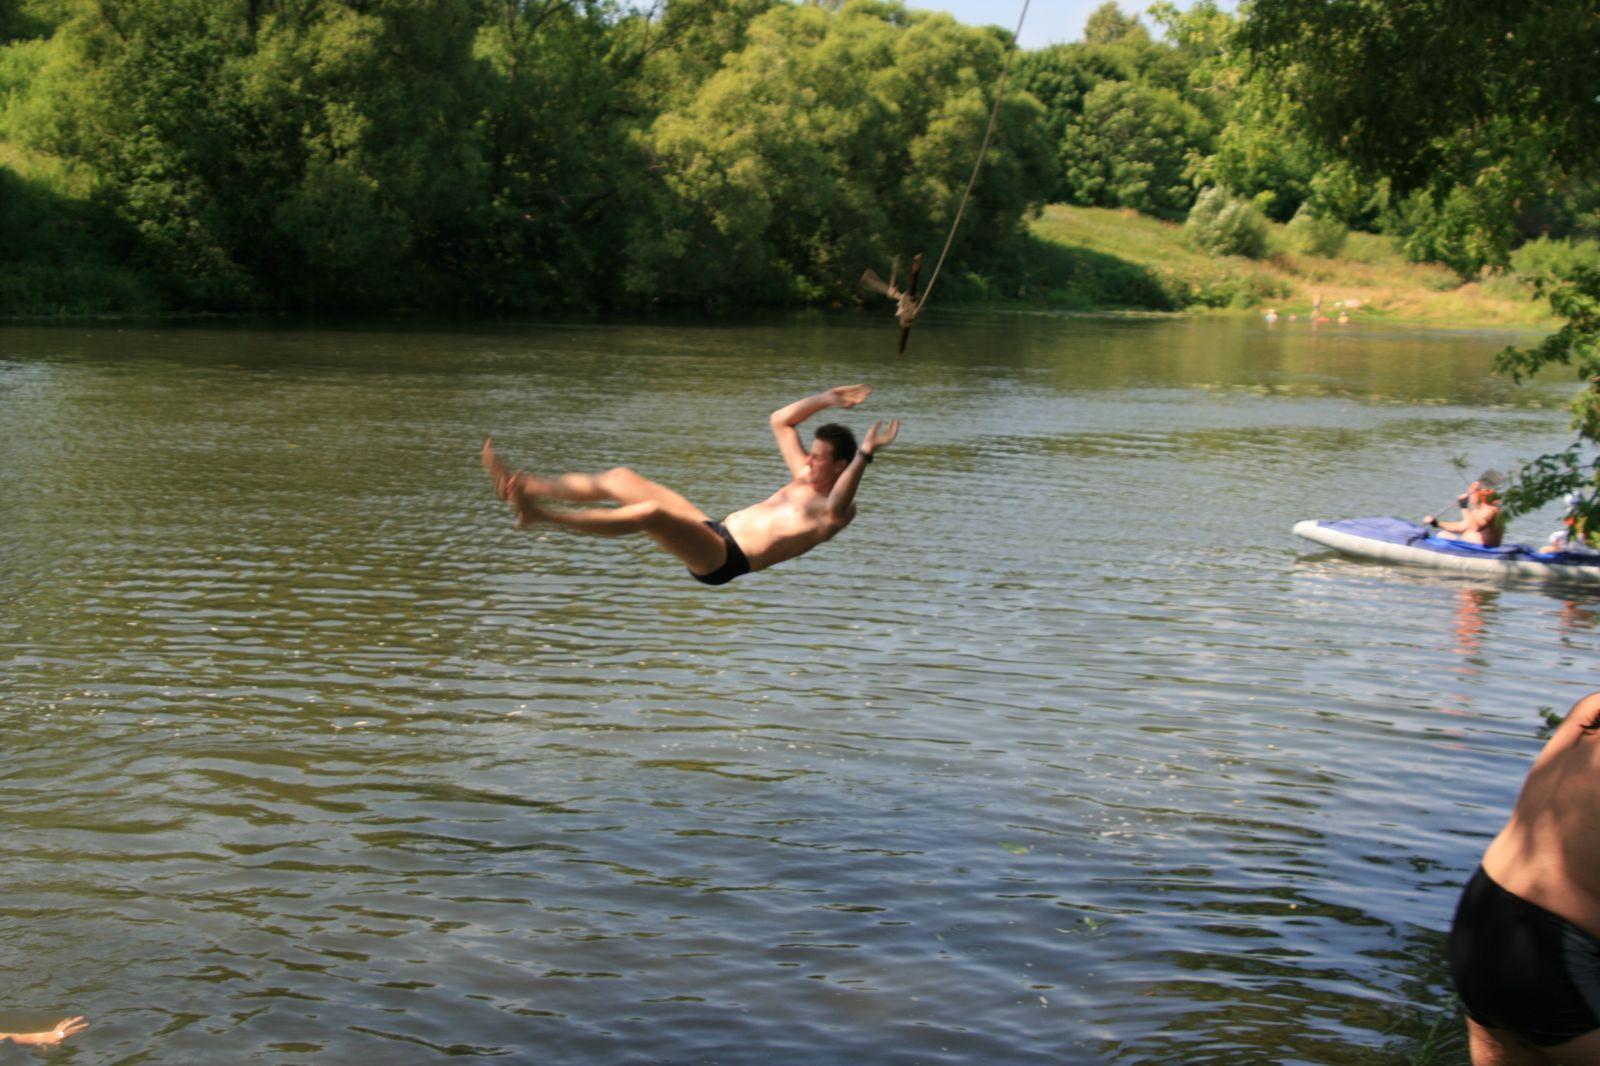 дети прыгают в реку с моста сонник объявления: продам